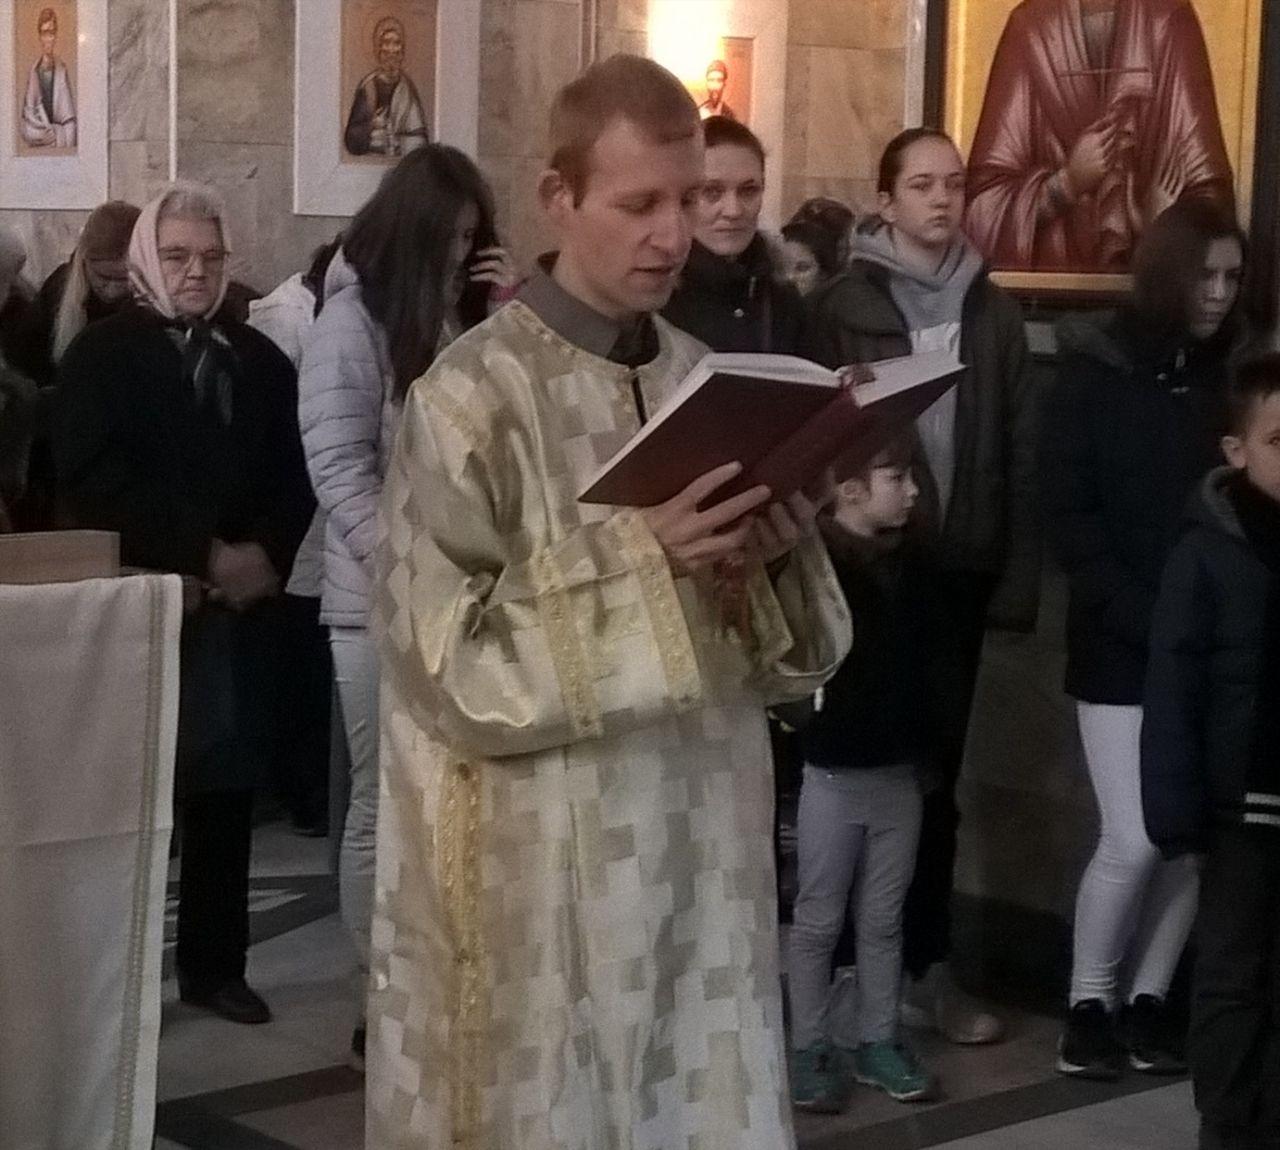 Празник Светог Саве у ветерничком храму, 2018. лета Господњег